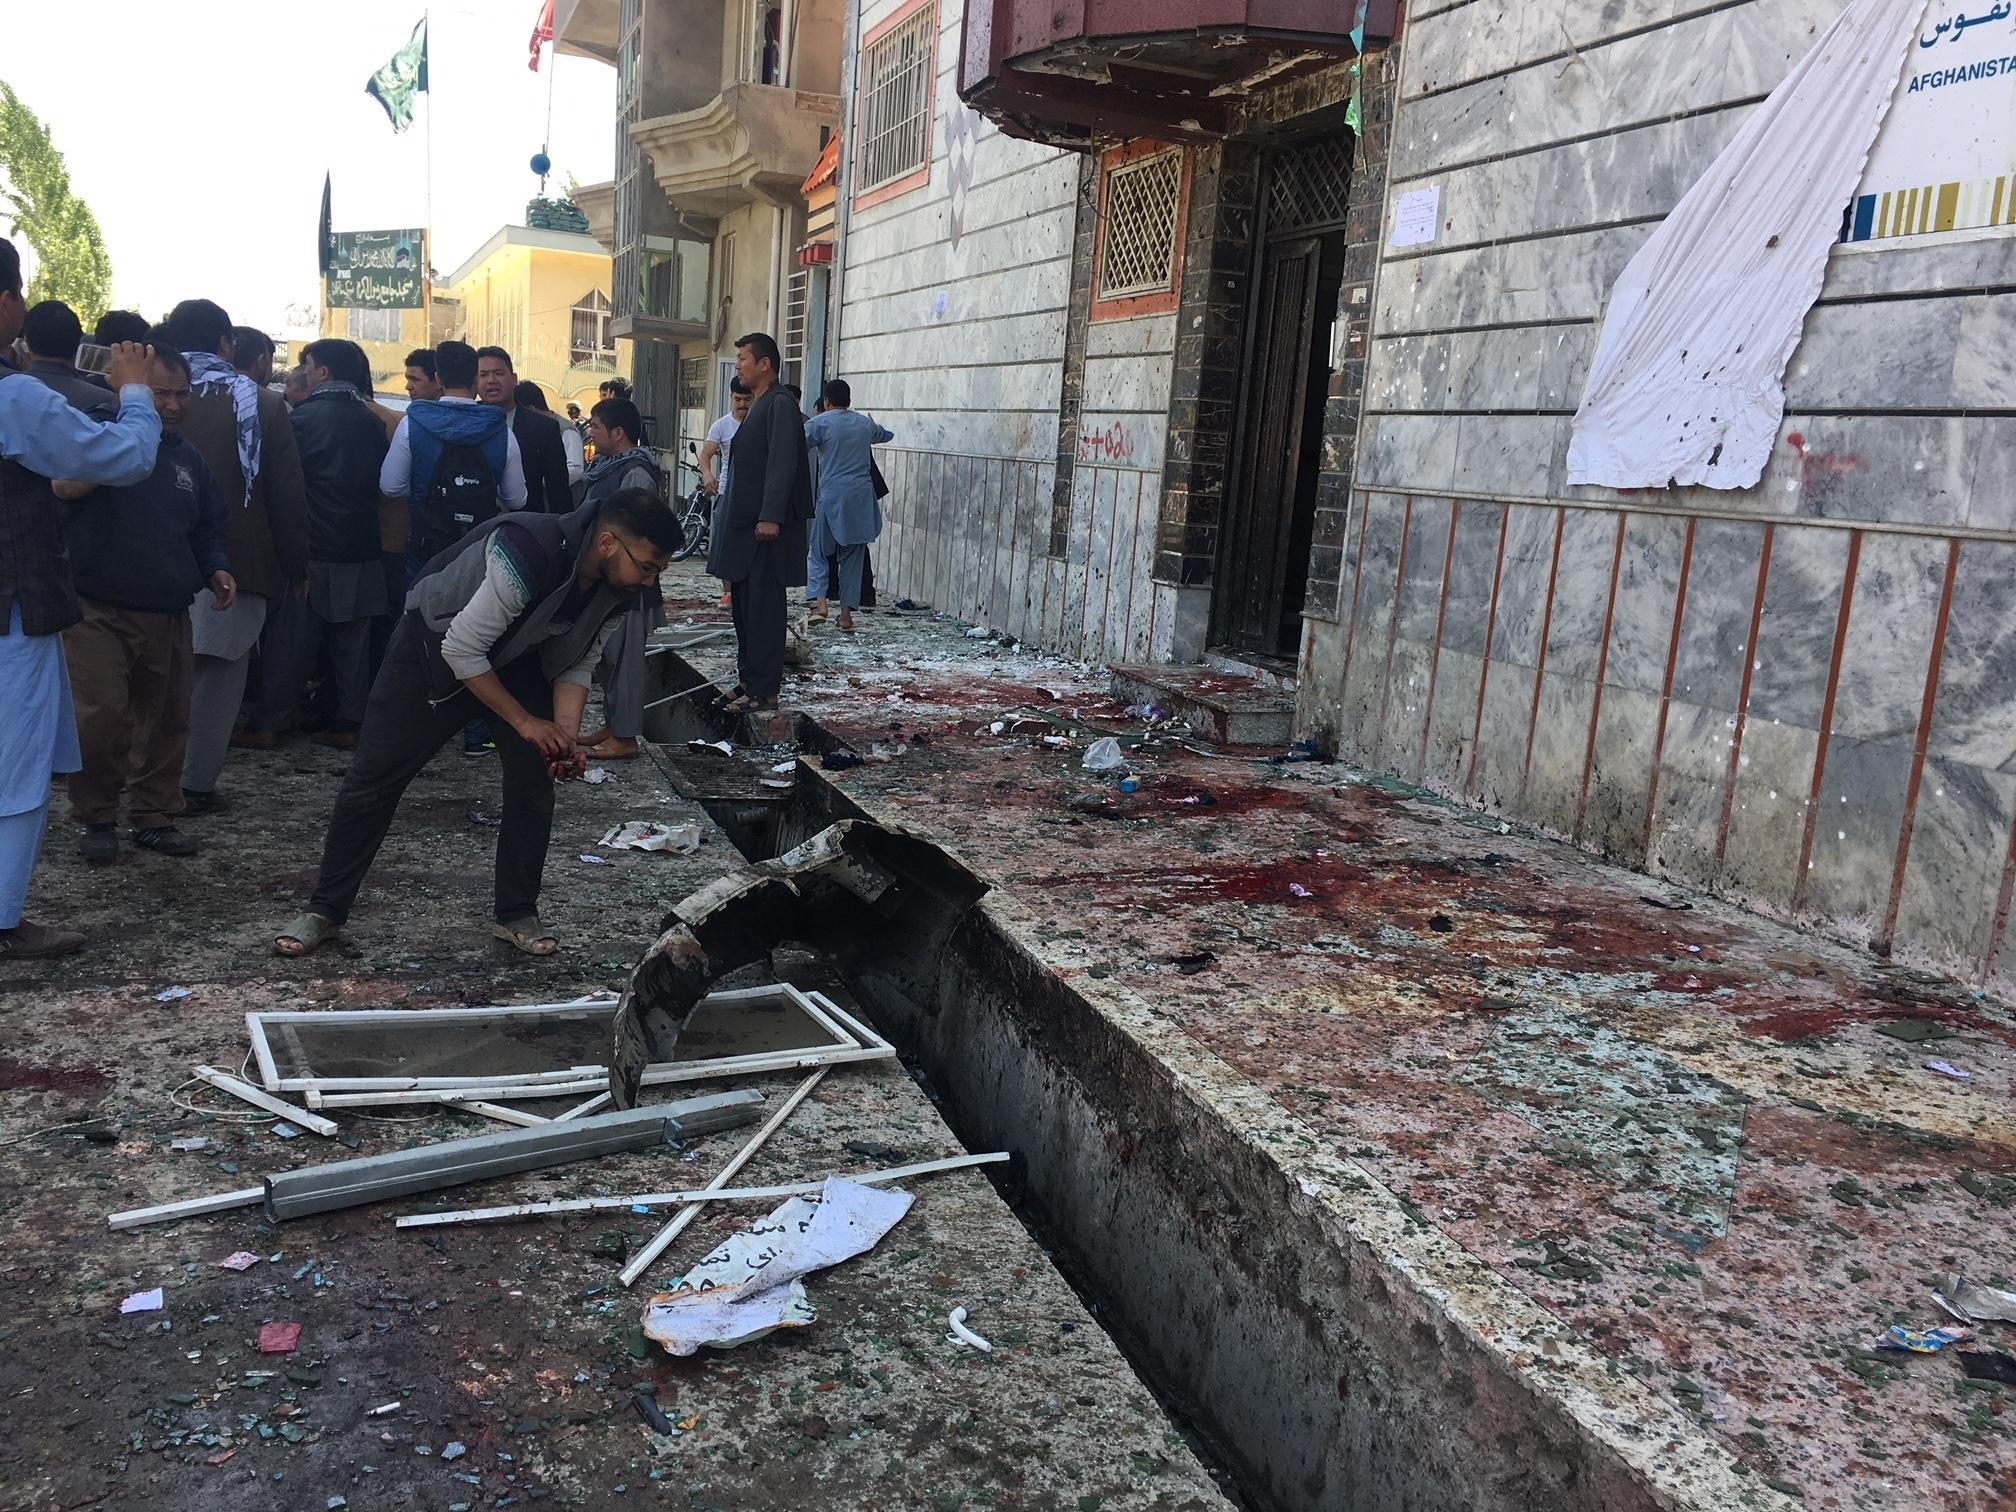 Kamikaze in centro elettorale a Kabul, almeno 9 morti